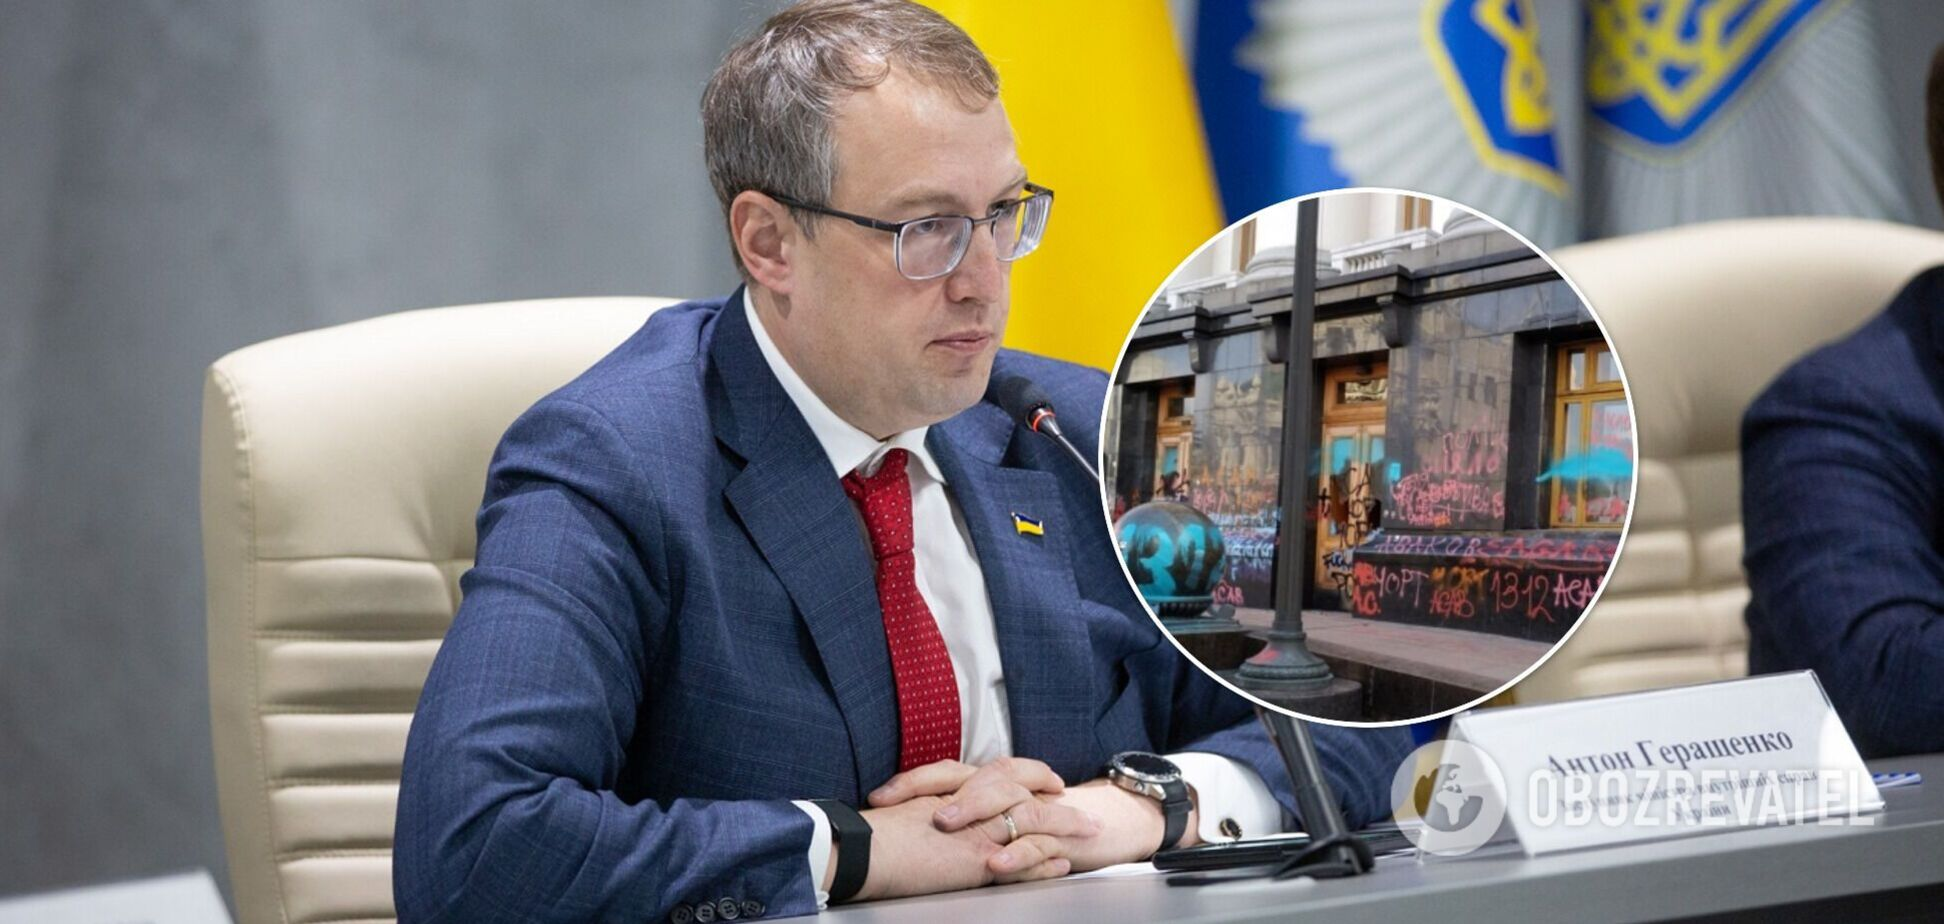 Геращенко: Путін не відніме в українців право будувати сильну державу